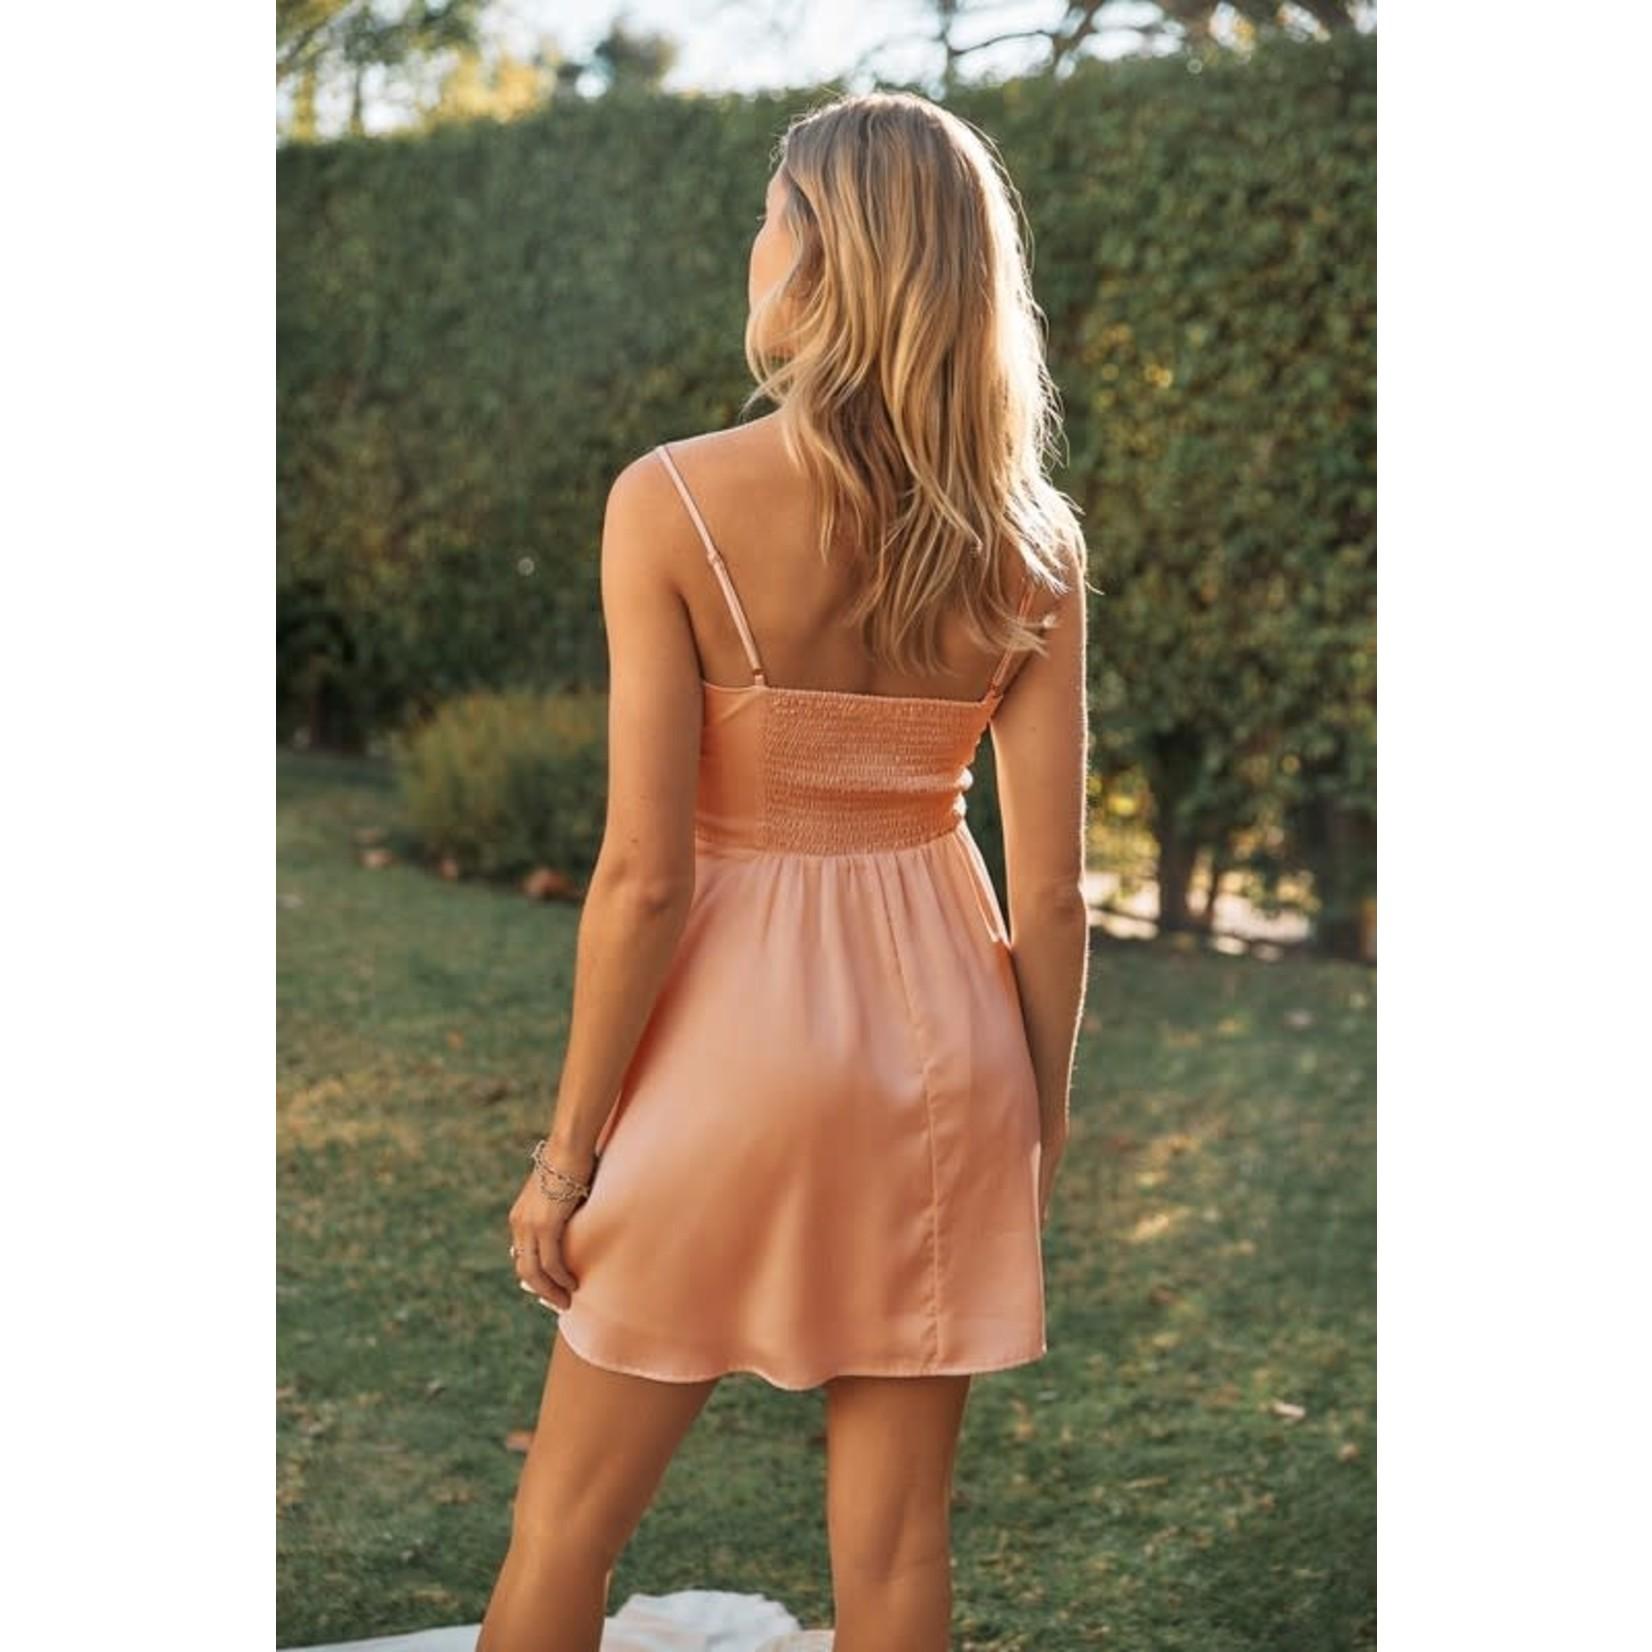 EM & ELLE Find Your Way Satin Smocked Dress